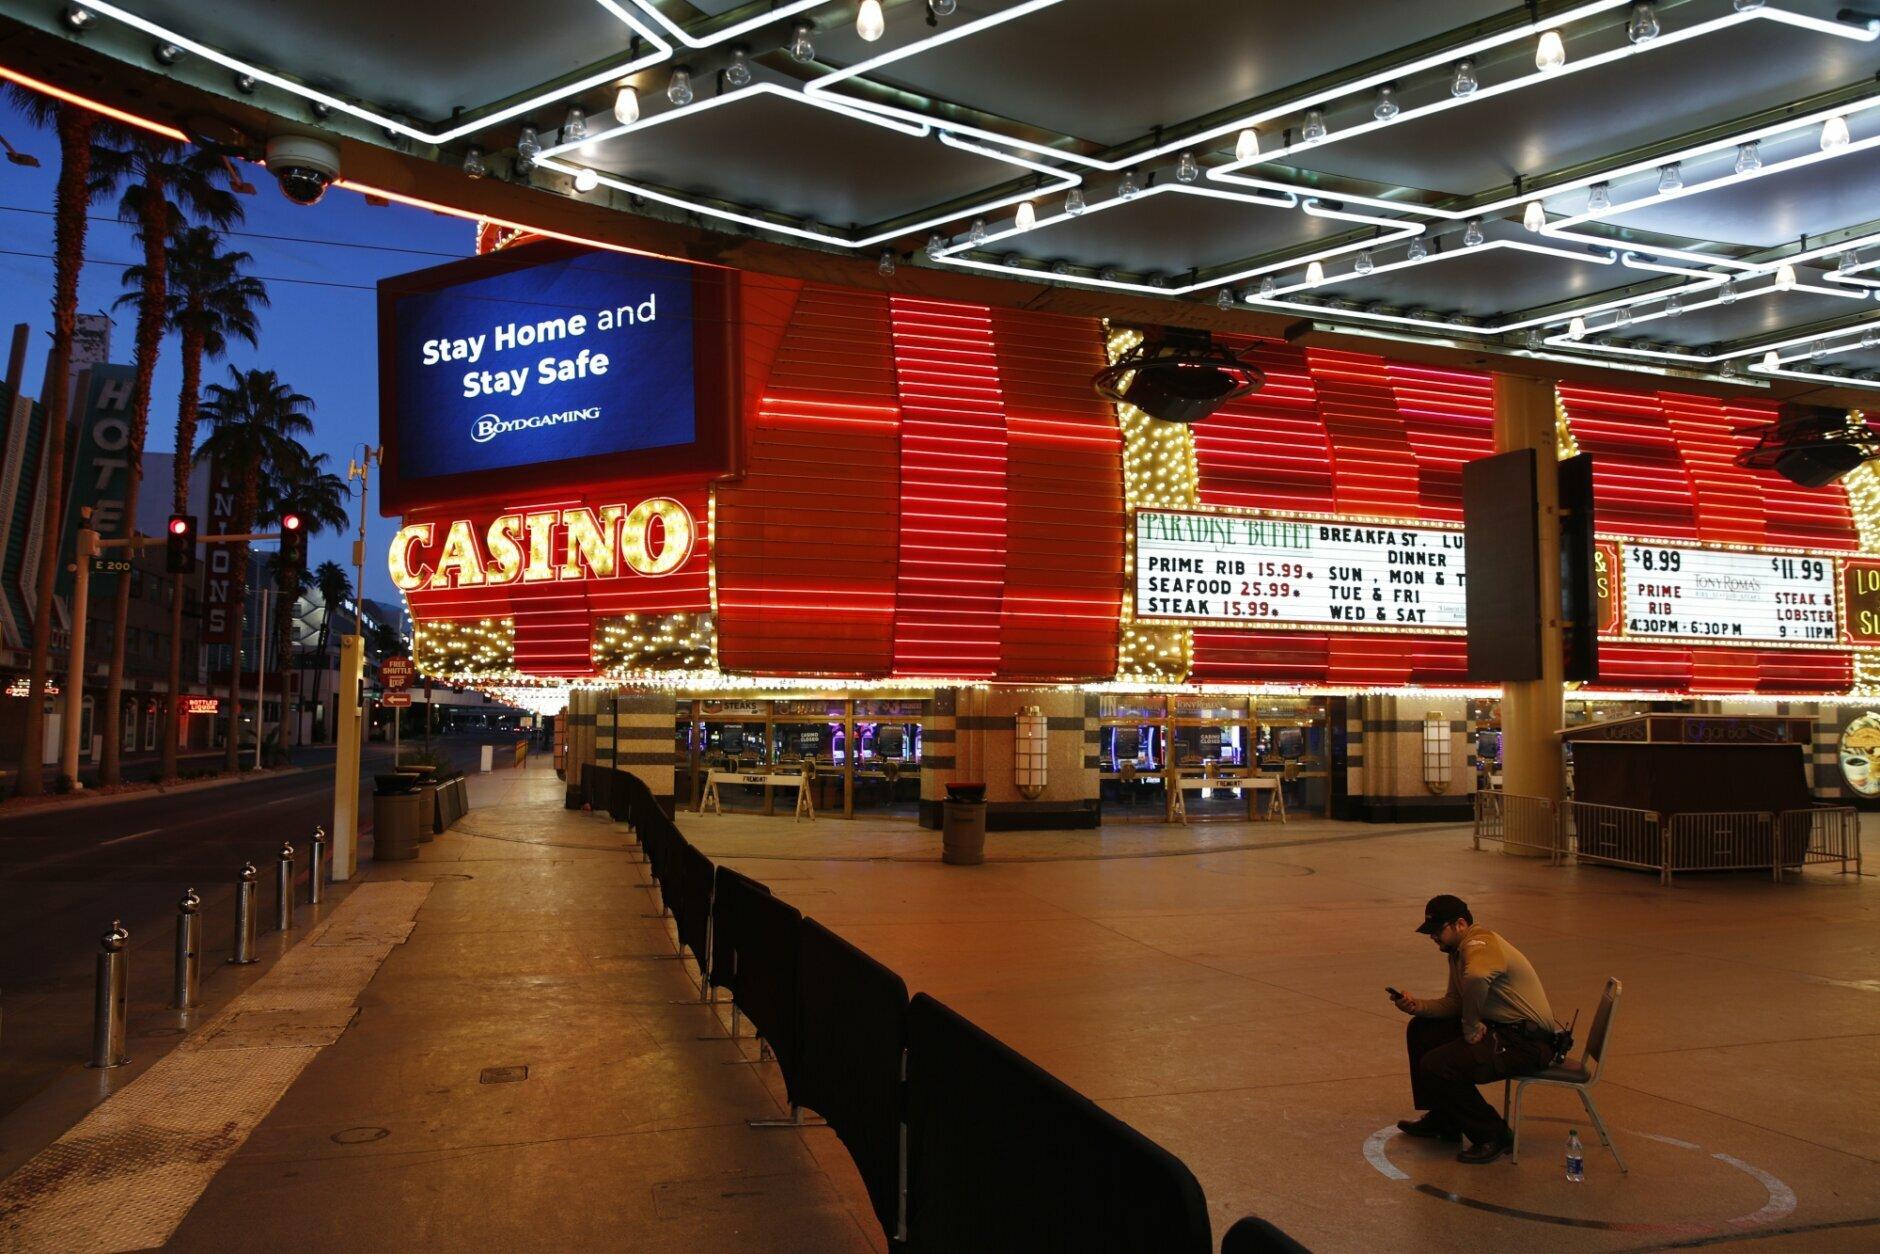 las vegas casinos poker